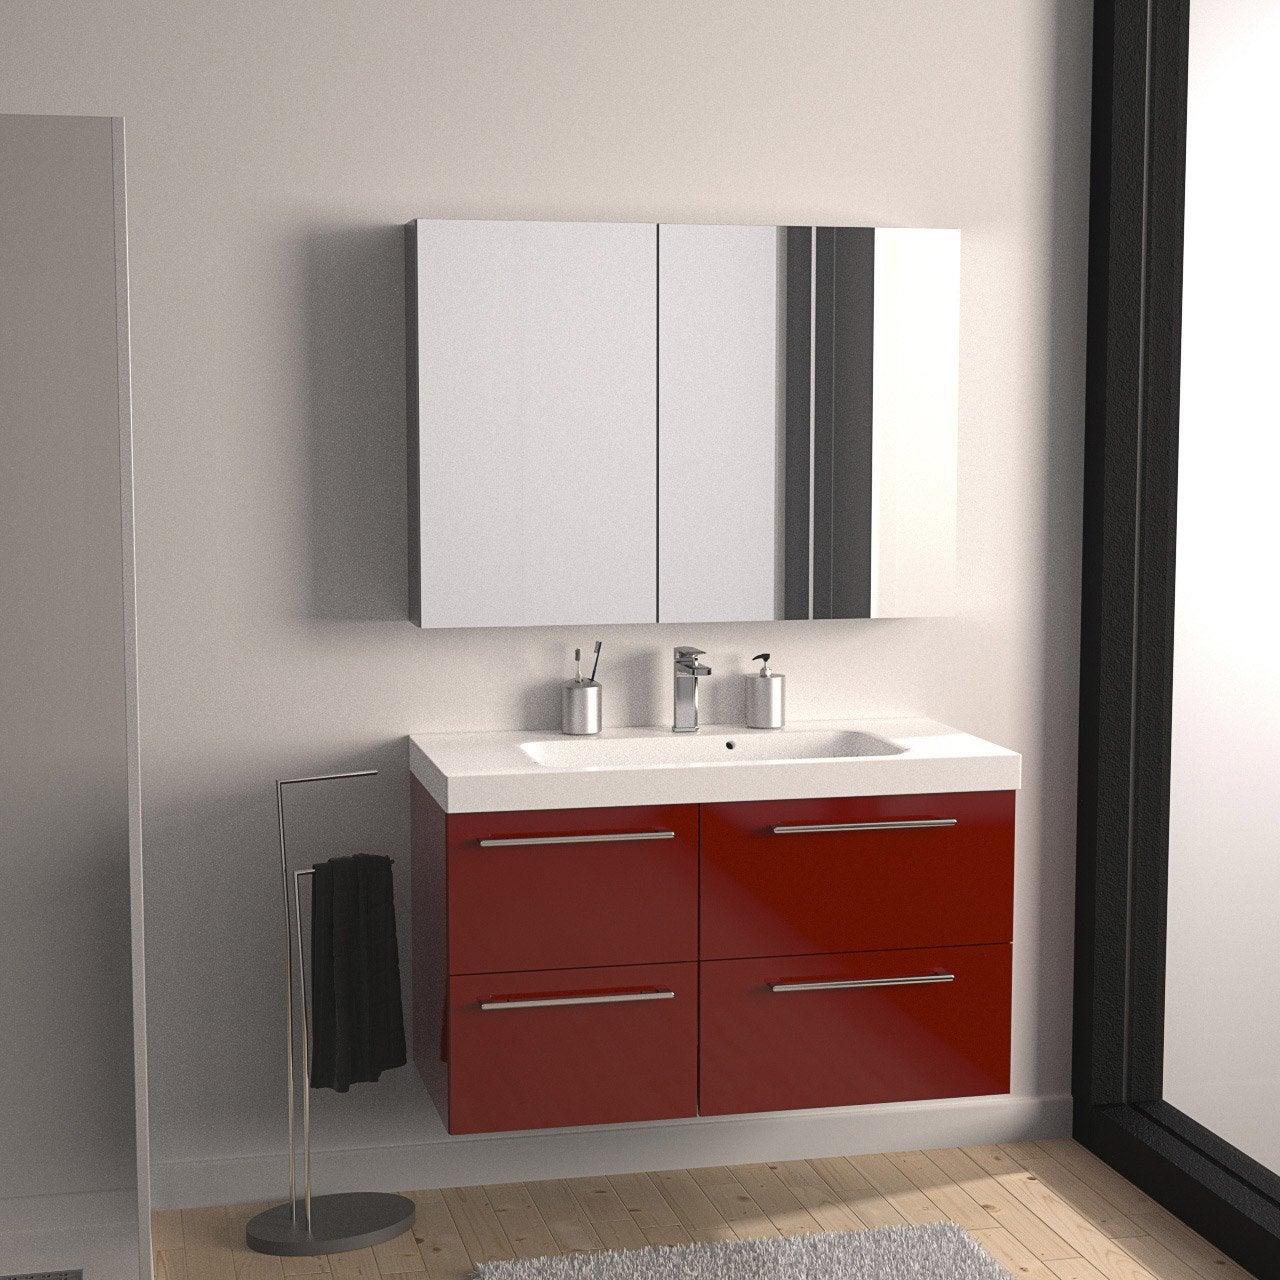 Meuble de salle de bains de 100 119 rouge remix for Meuble salle de bain teck leroy merlin